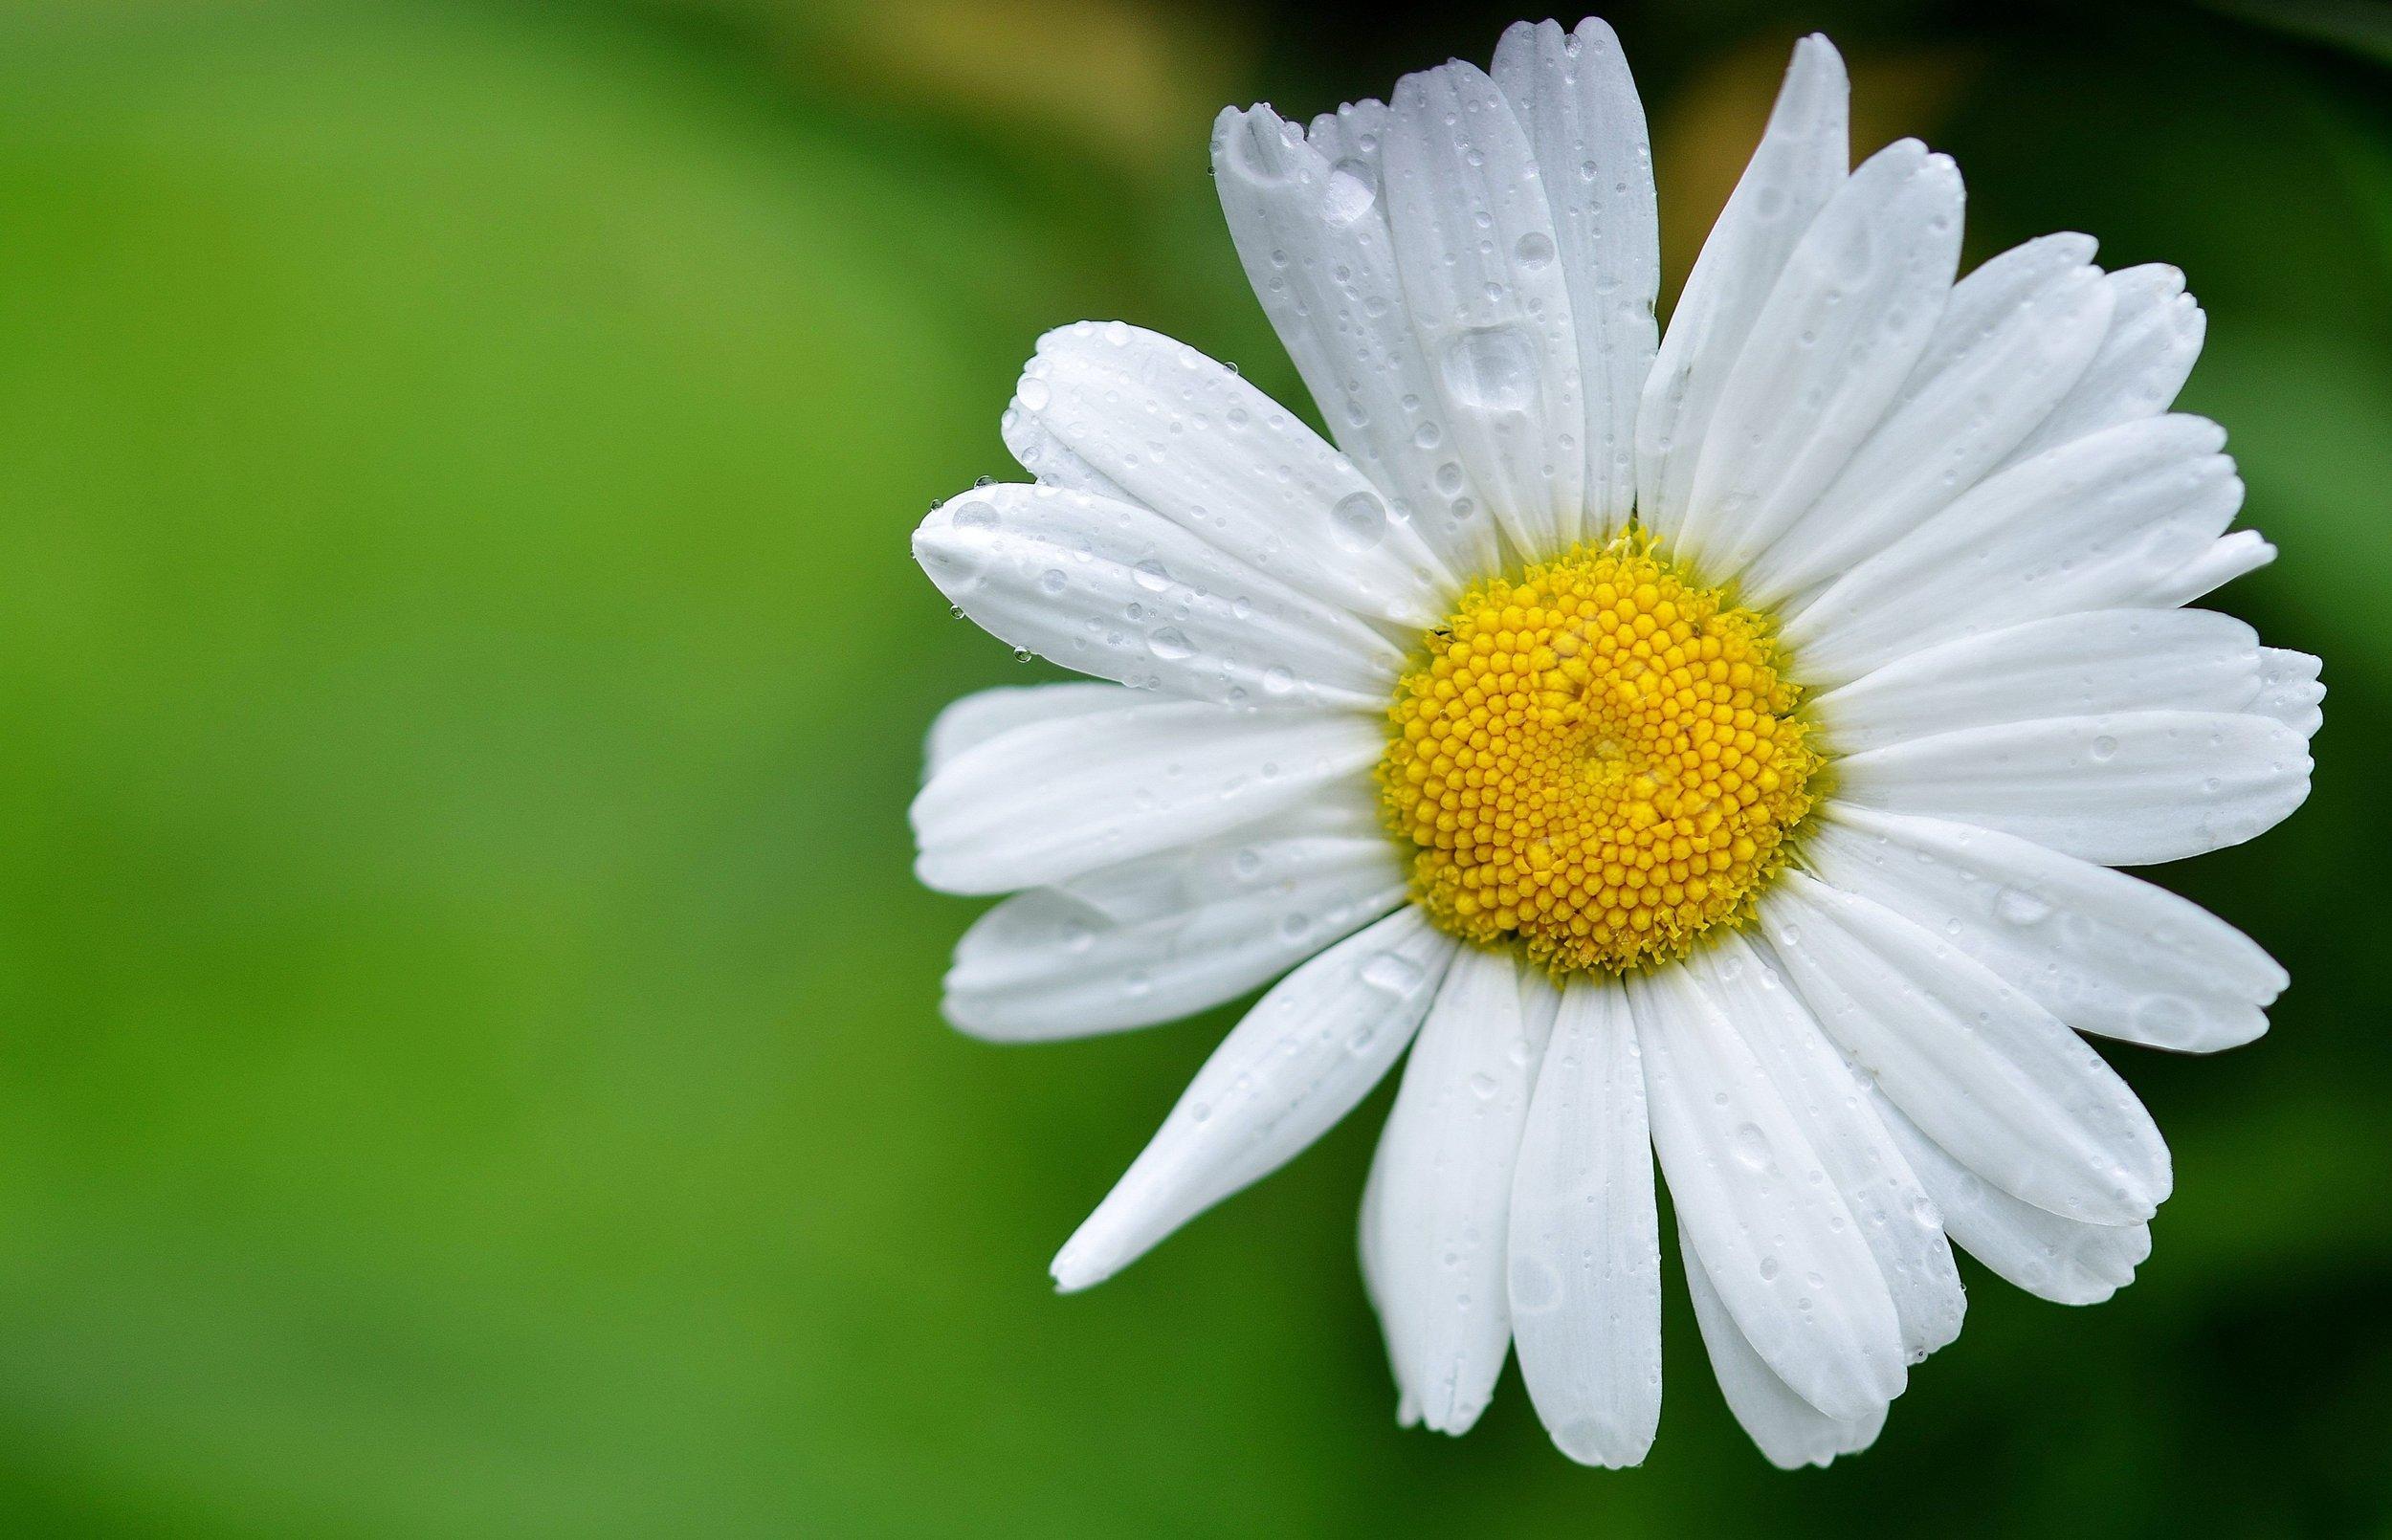 bloom-blossom-daisy-68196.jpg